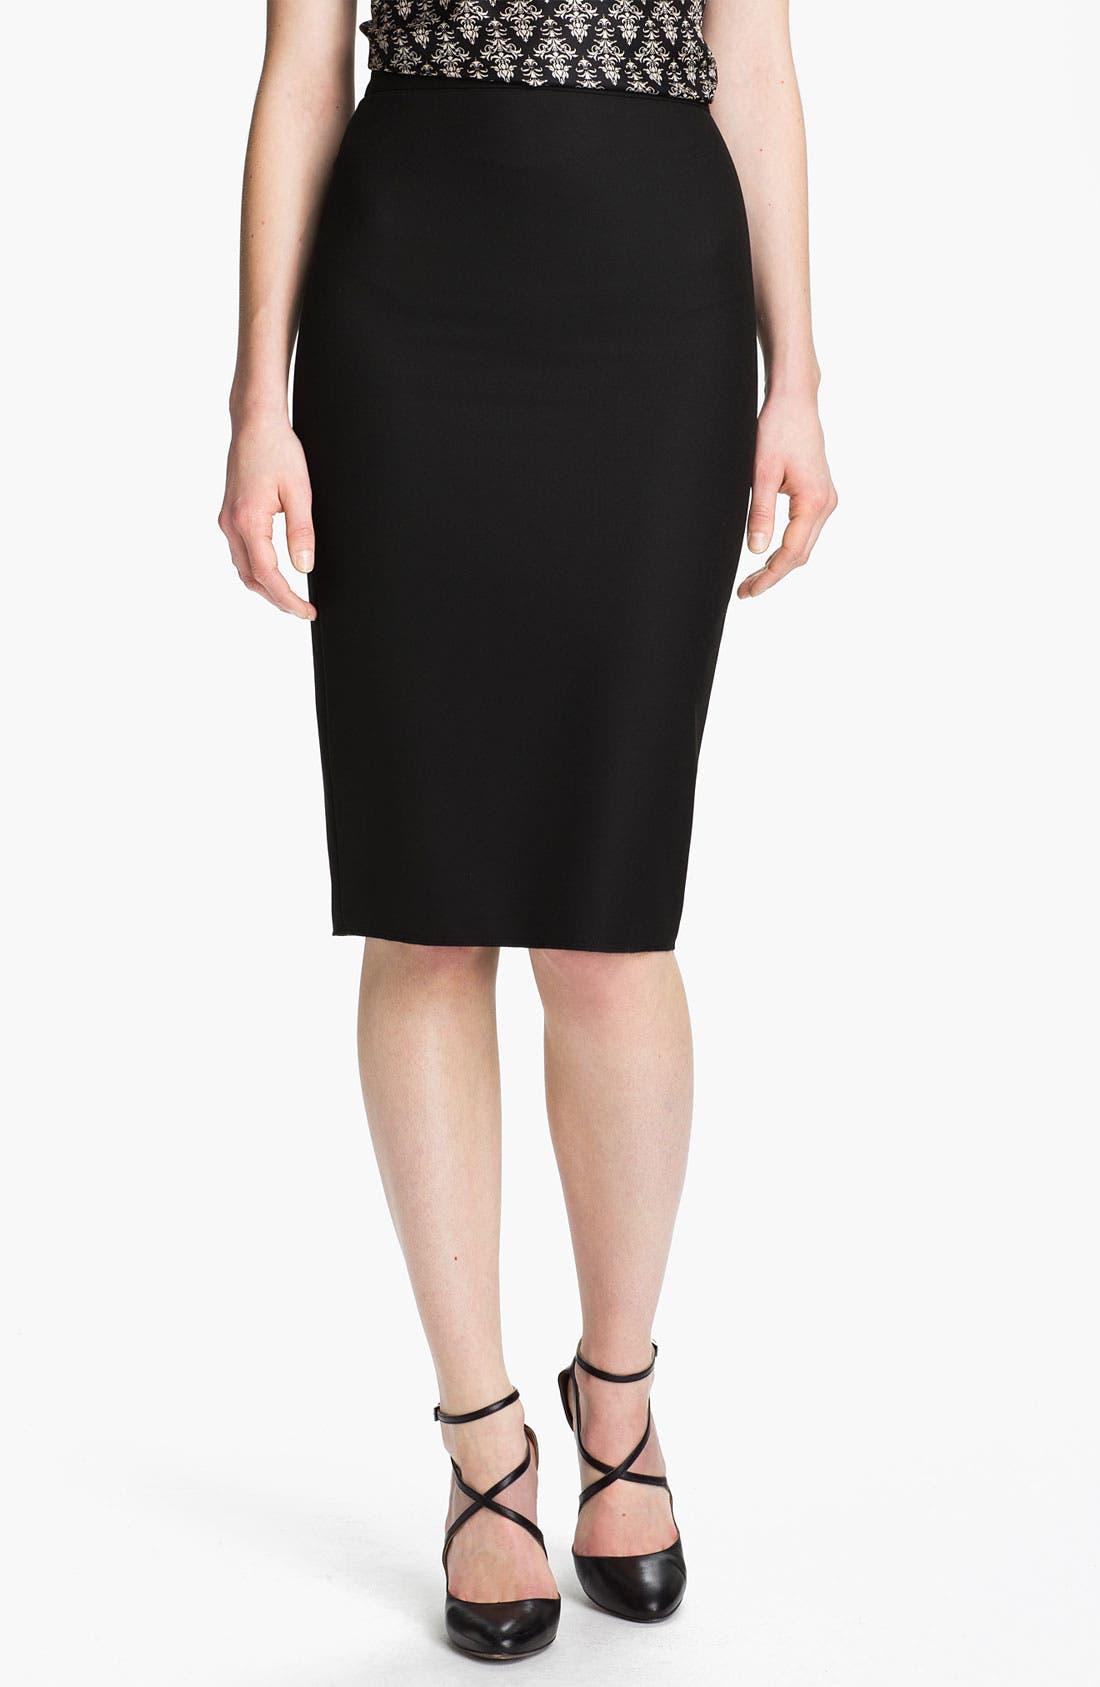 Alternate Image 1 Selected - Robert Rodriguez Pencil Skirt